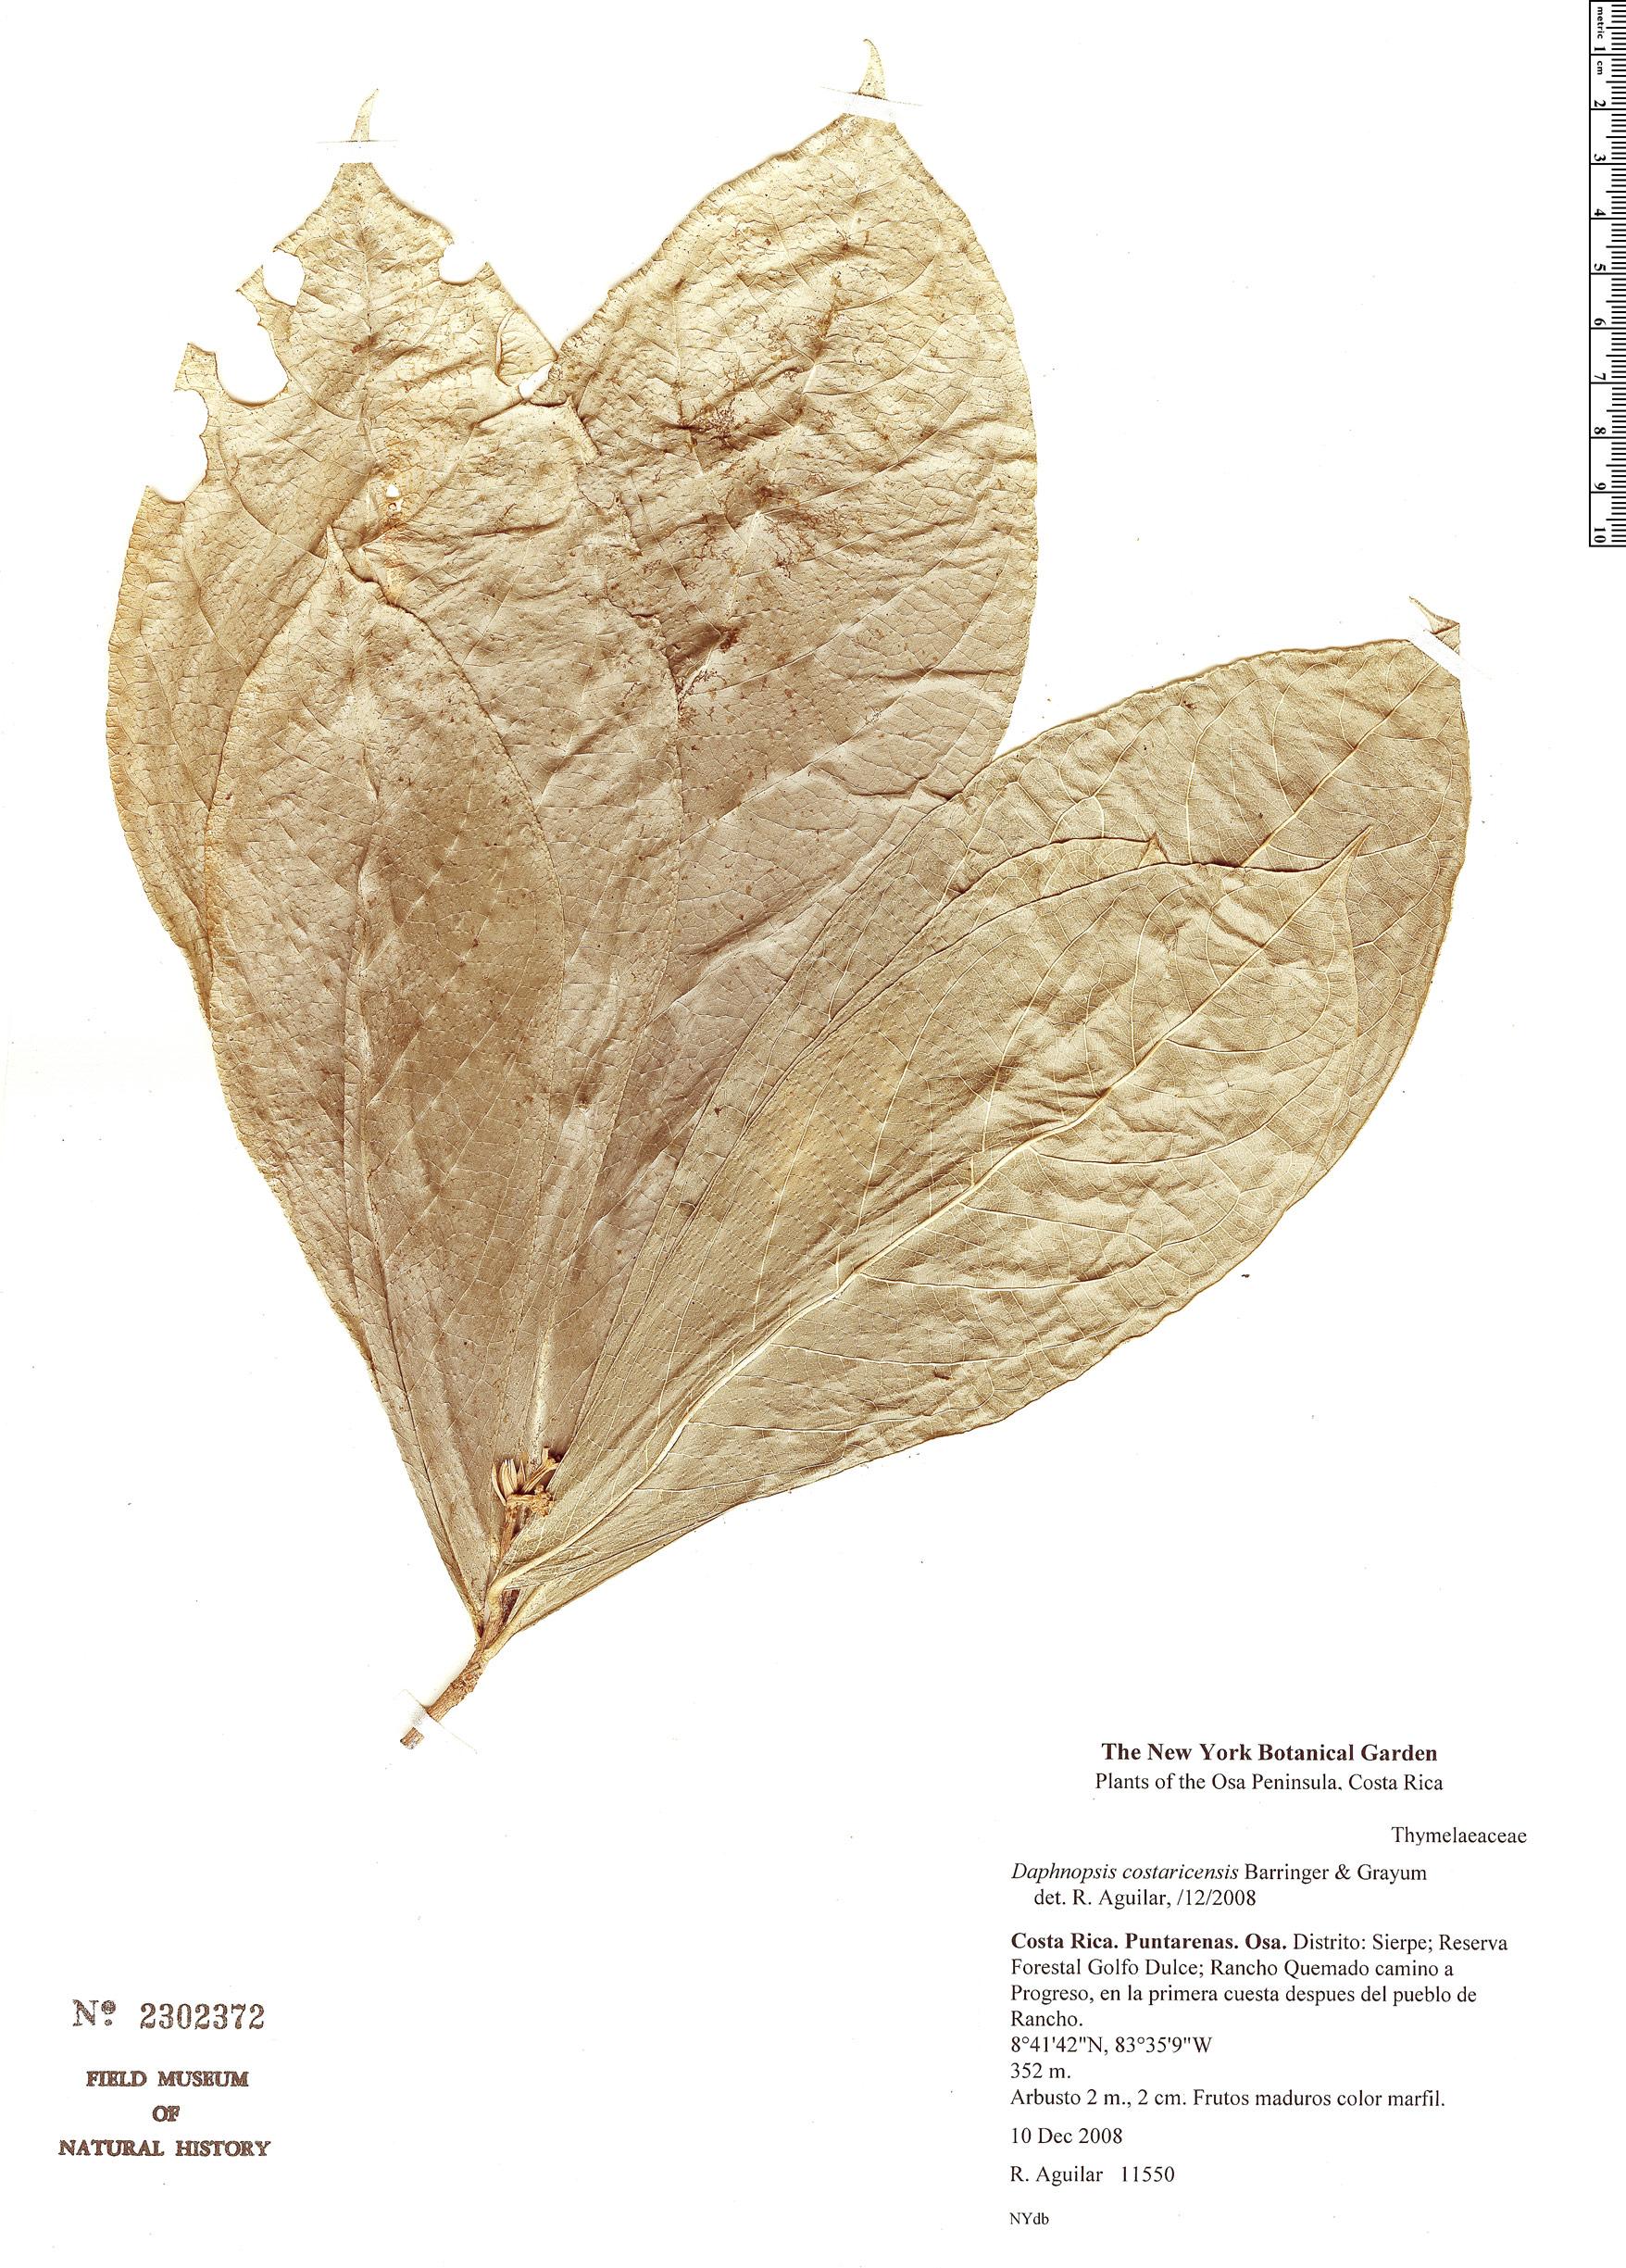 Specimen: Daphnopsis costaricensis